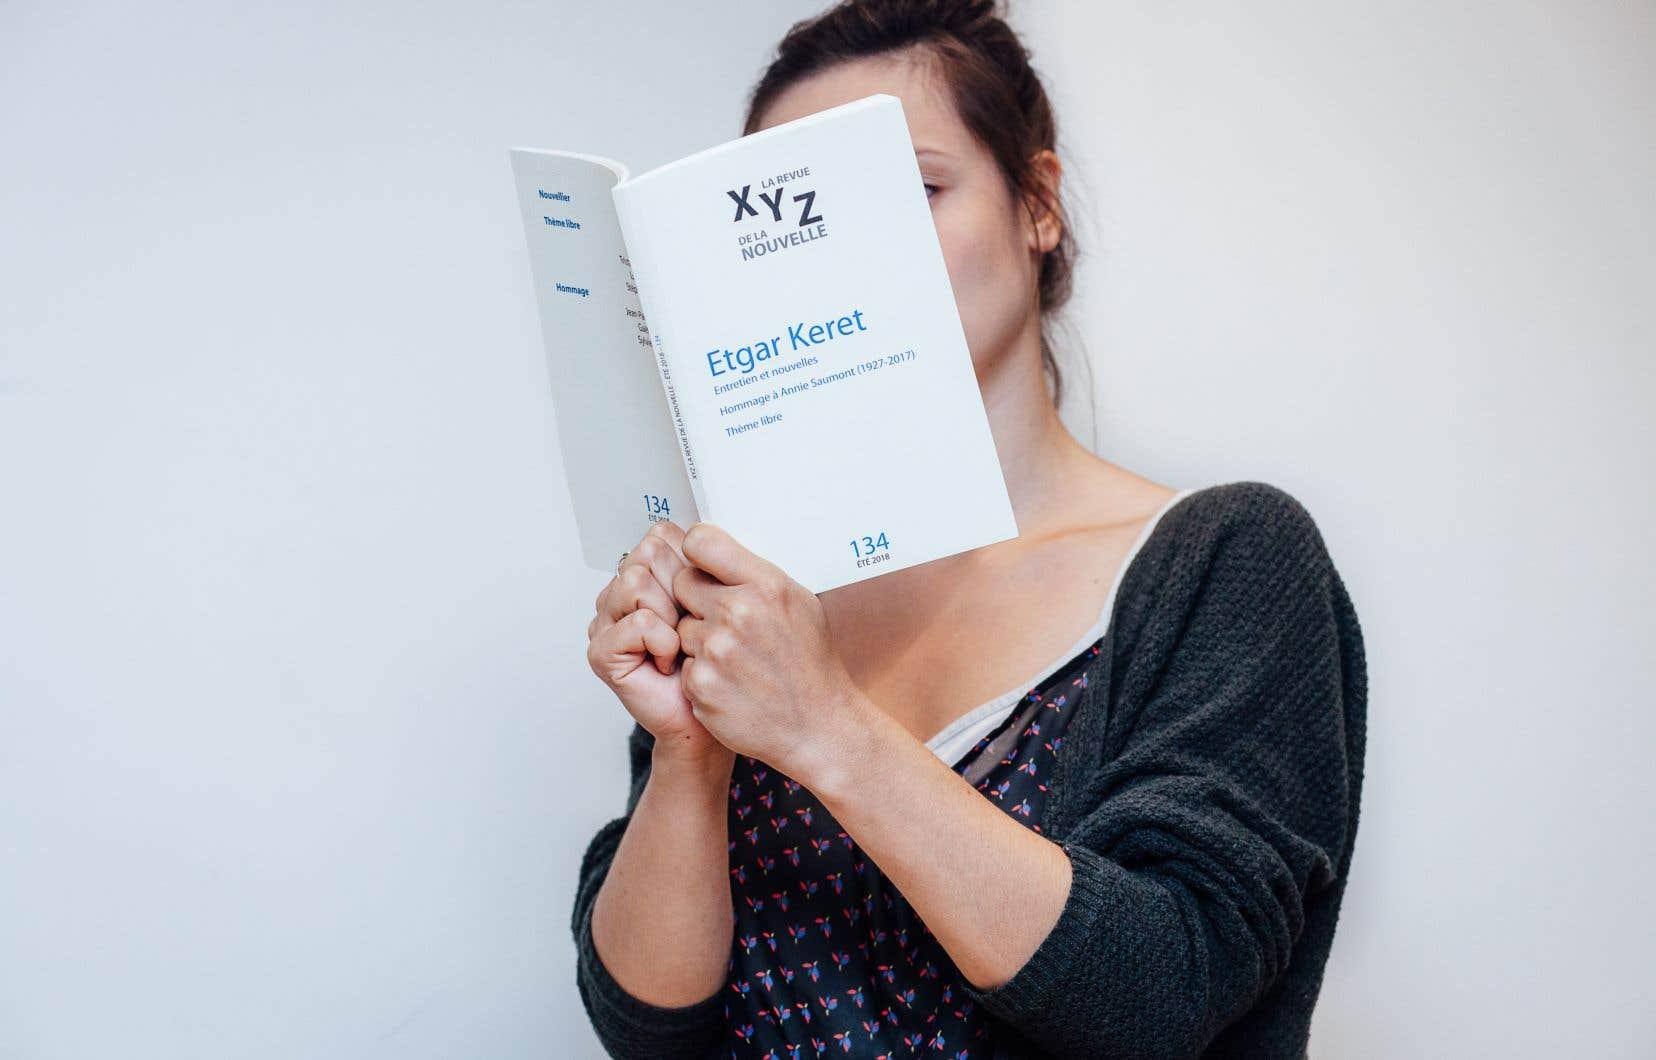 La revue littéraire prône avant tout la liberté d'expression et la qualité de l'écriture, selon l'éditeur Jacques Richer.